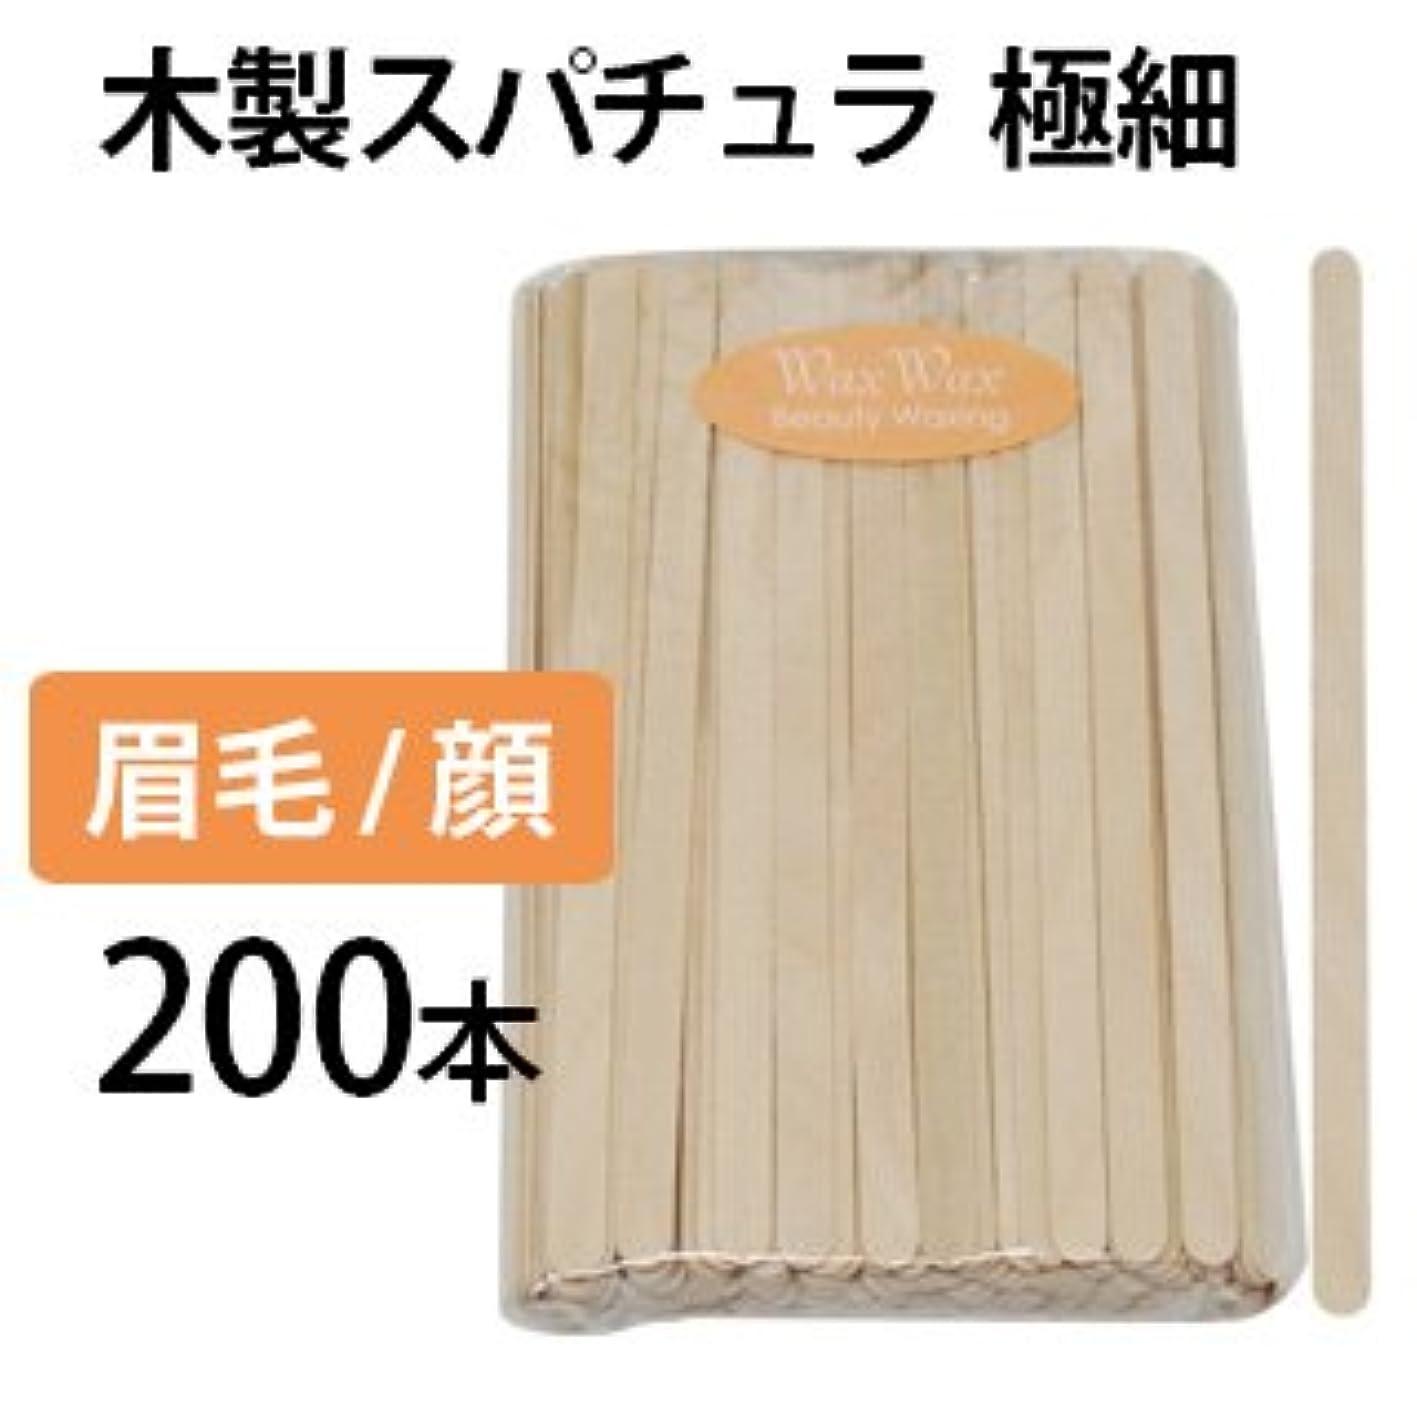 好色なデコードする洞窟眉毛 アイブロウ用スパチュラ 200本セット 極細 木製スパチュラ 使い捨て